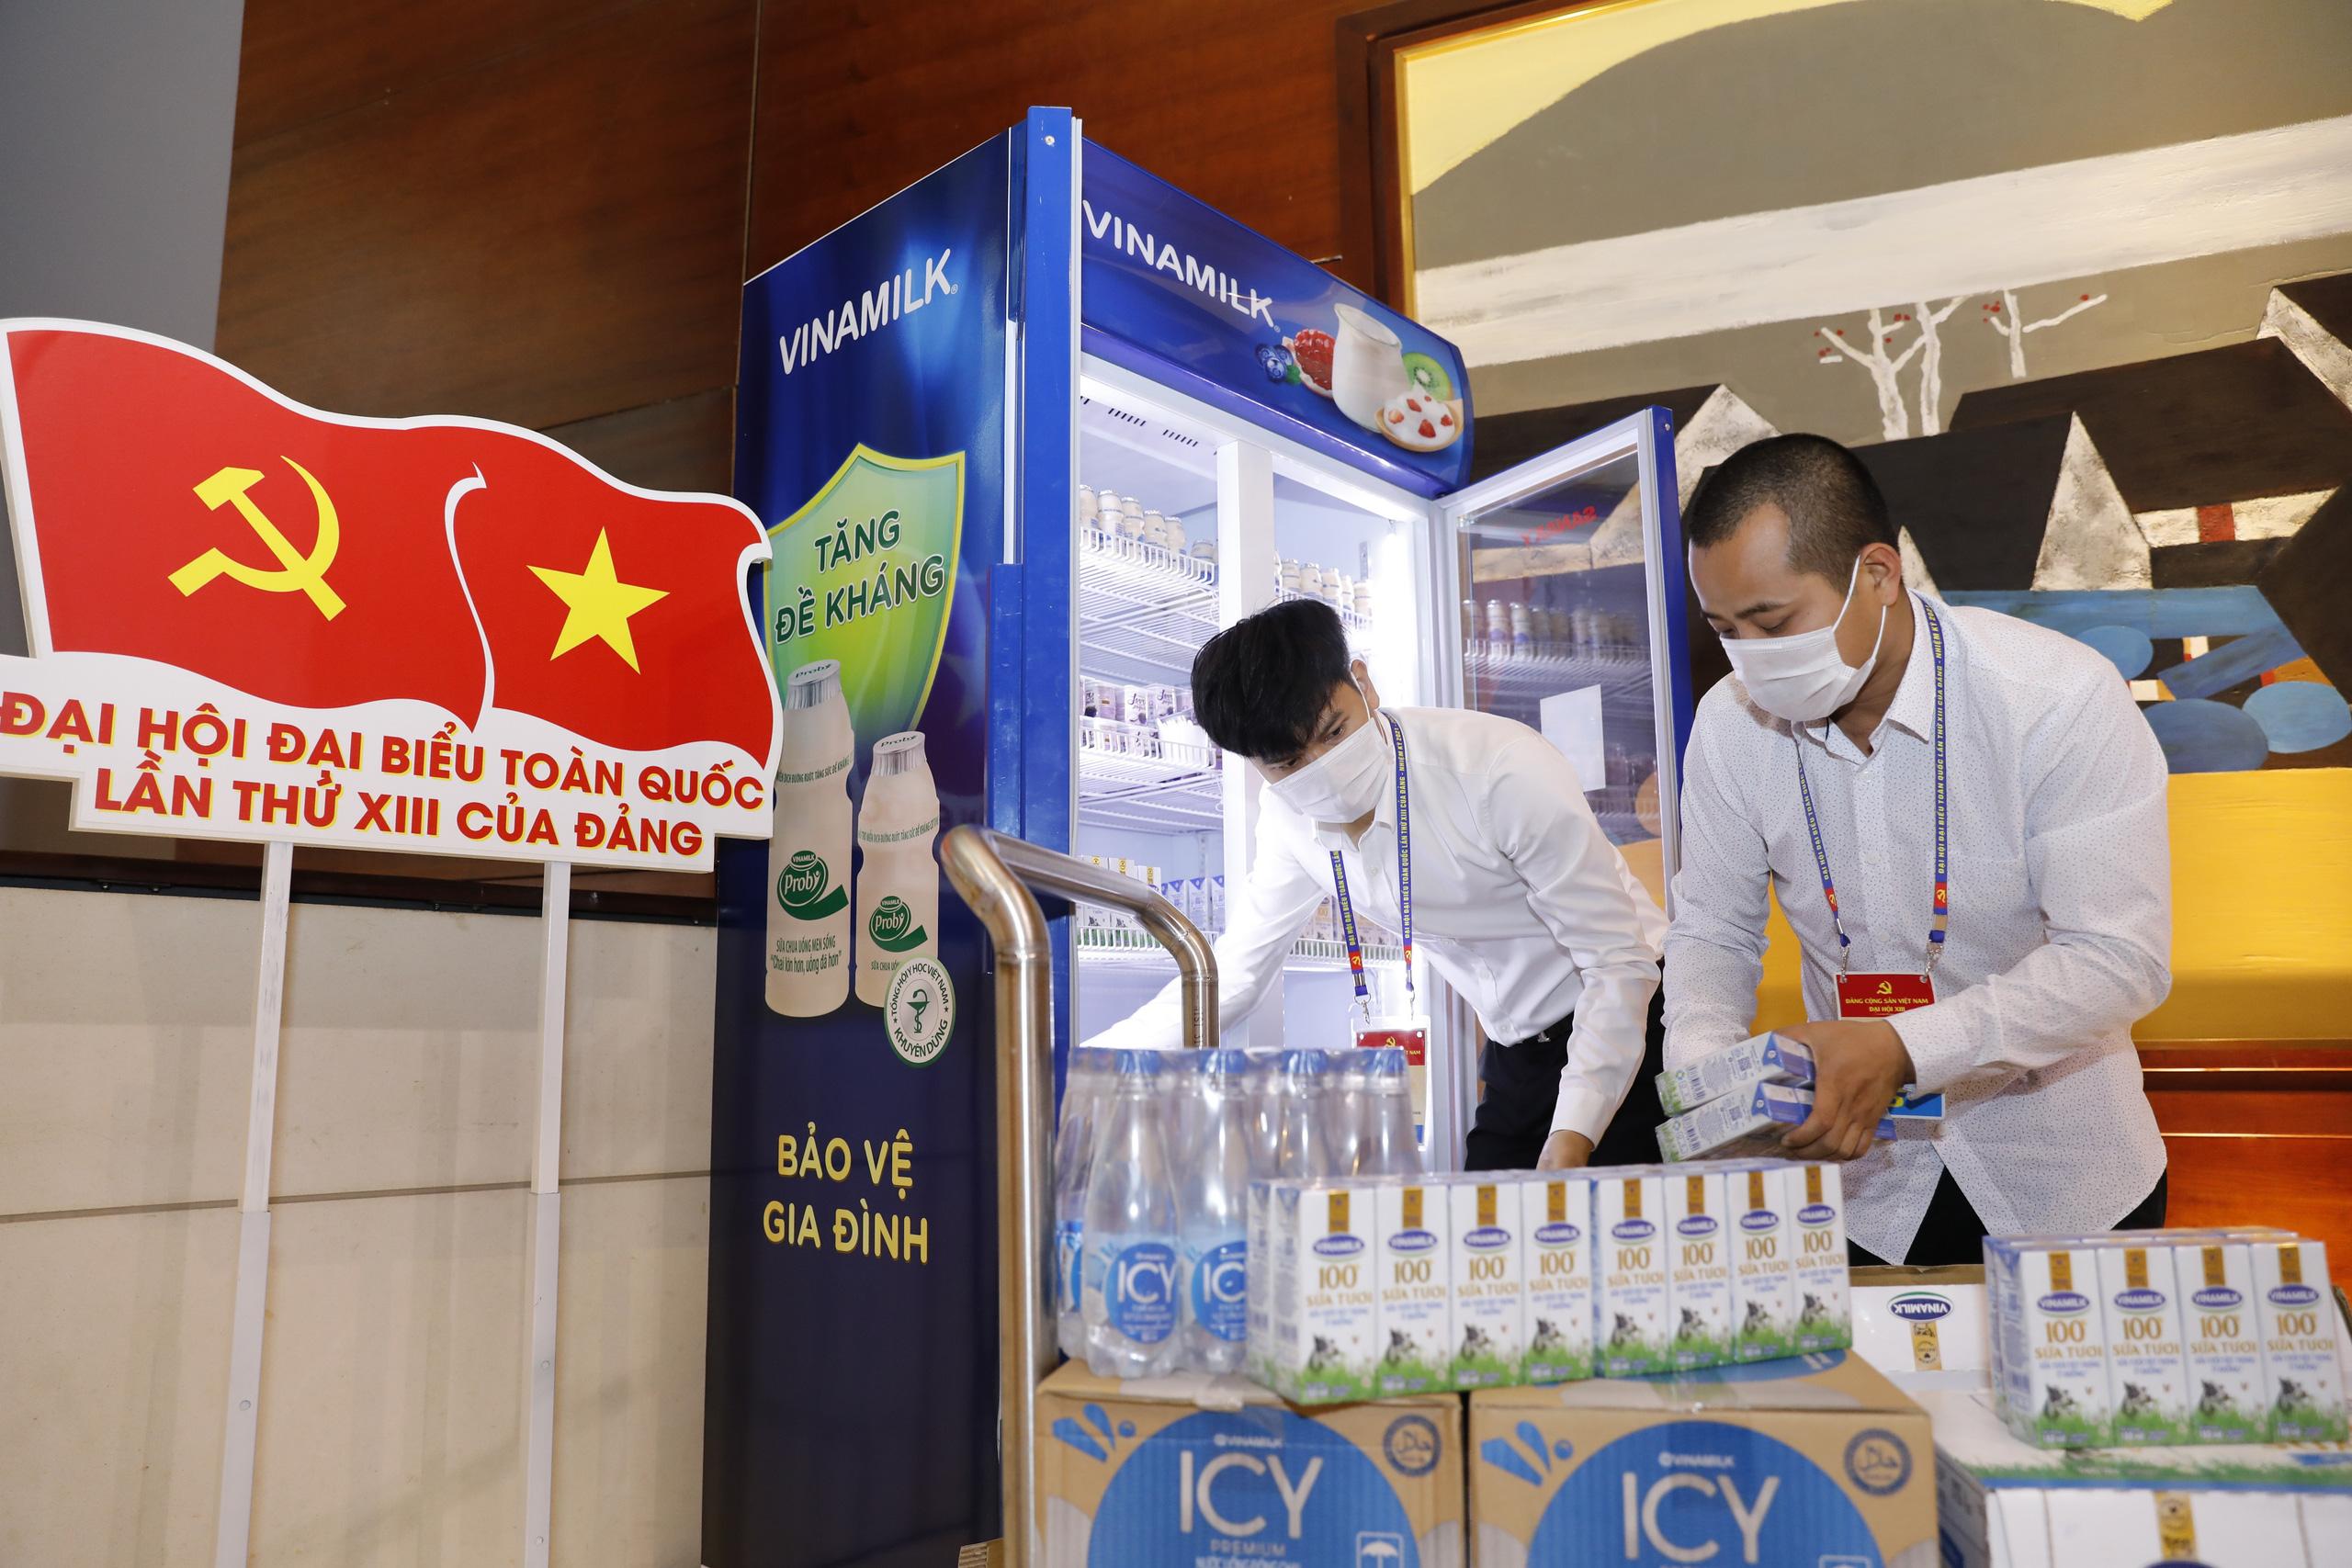 700.000 sản phẩm Vinamilk được chọn phục vụ sự kiện lớn của quốc gia  - Ảnh 3.